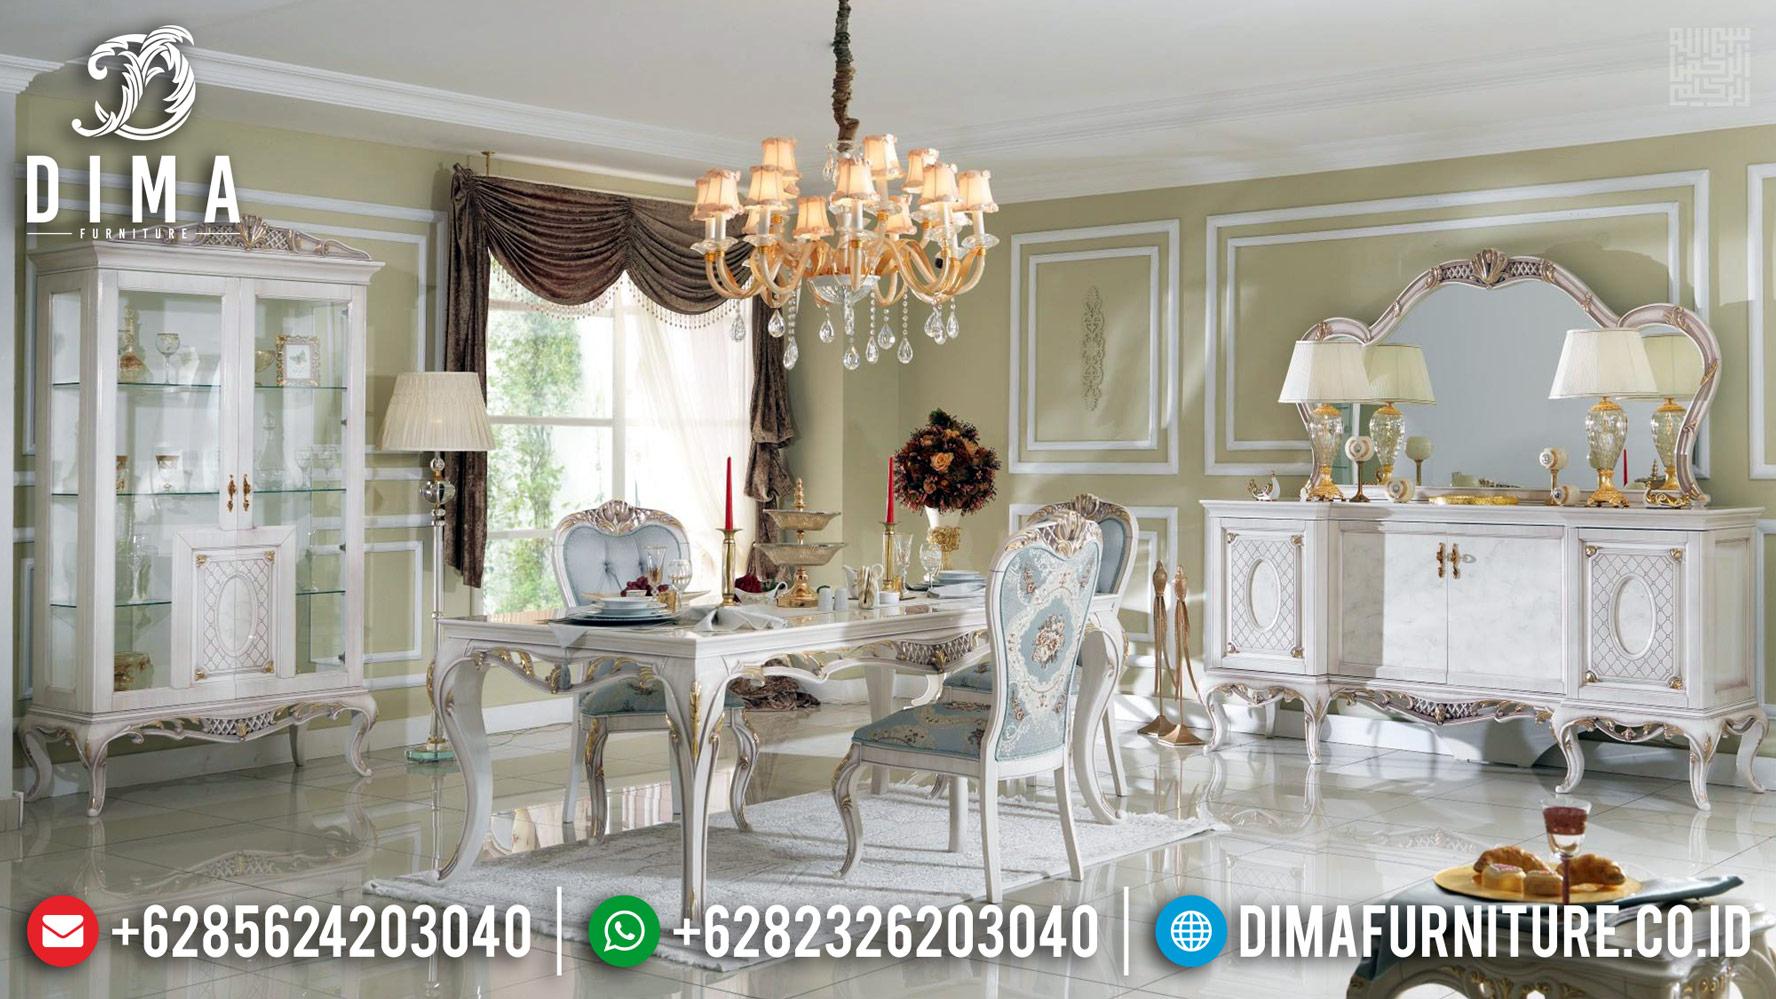 Furniture Jepara Luxury Meja Makan Mewah Harga Discount BT-0374